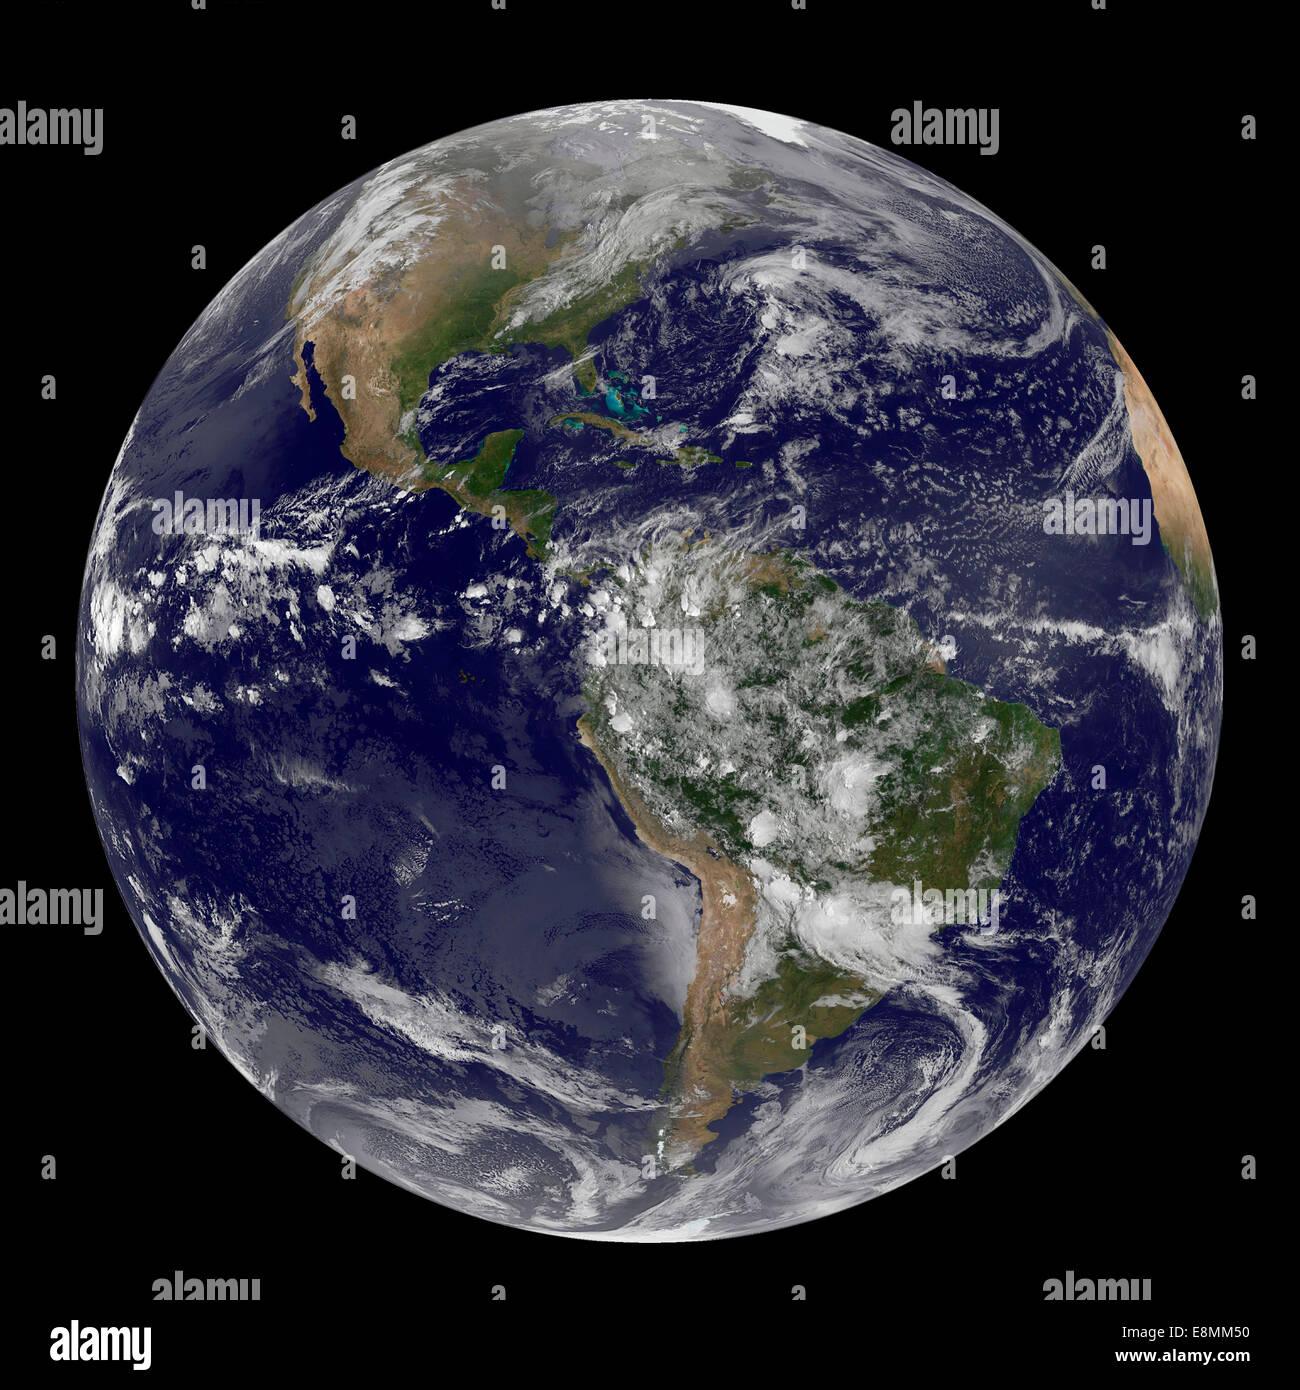 Aprile 22, 2014 - vista satellitare delle Americhe sulla Giornata della Terra. Immagini Stock